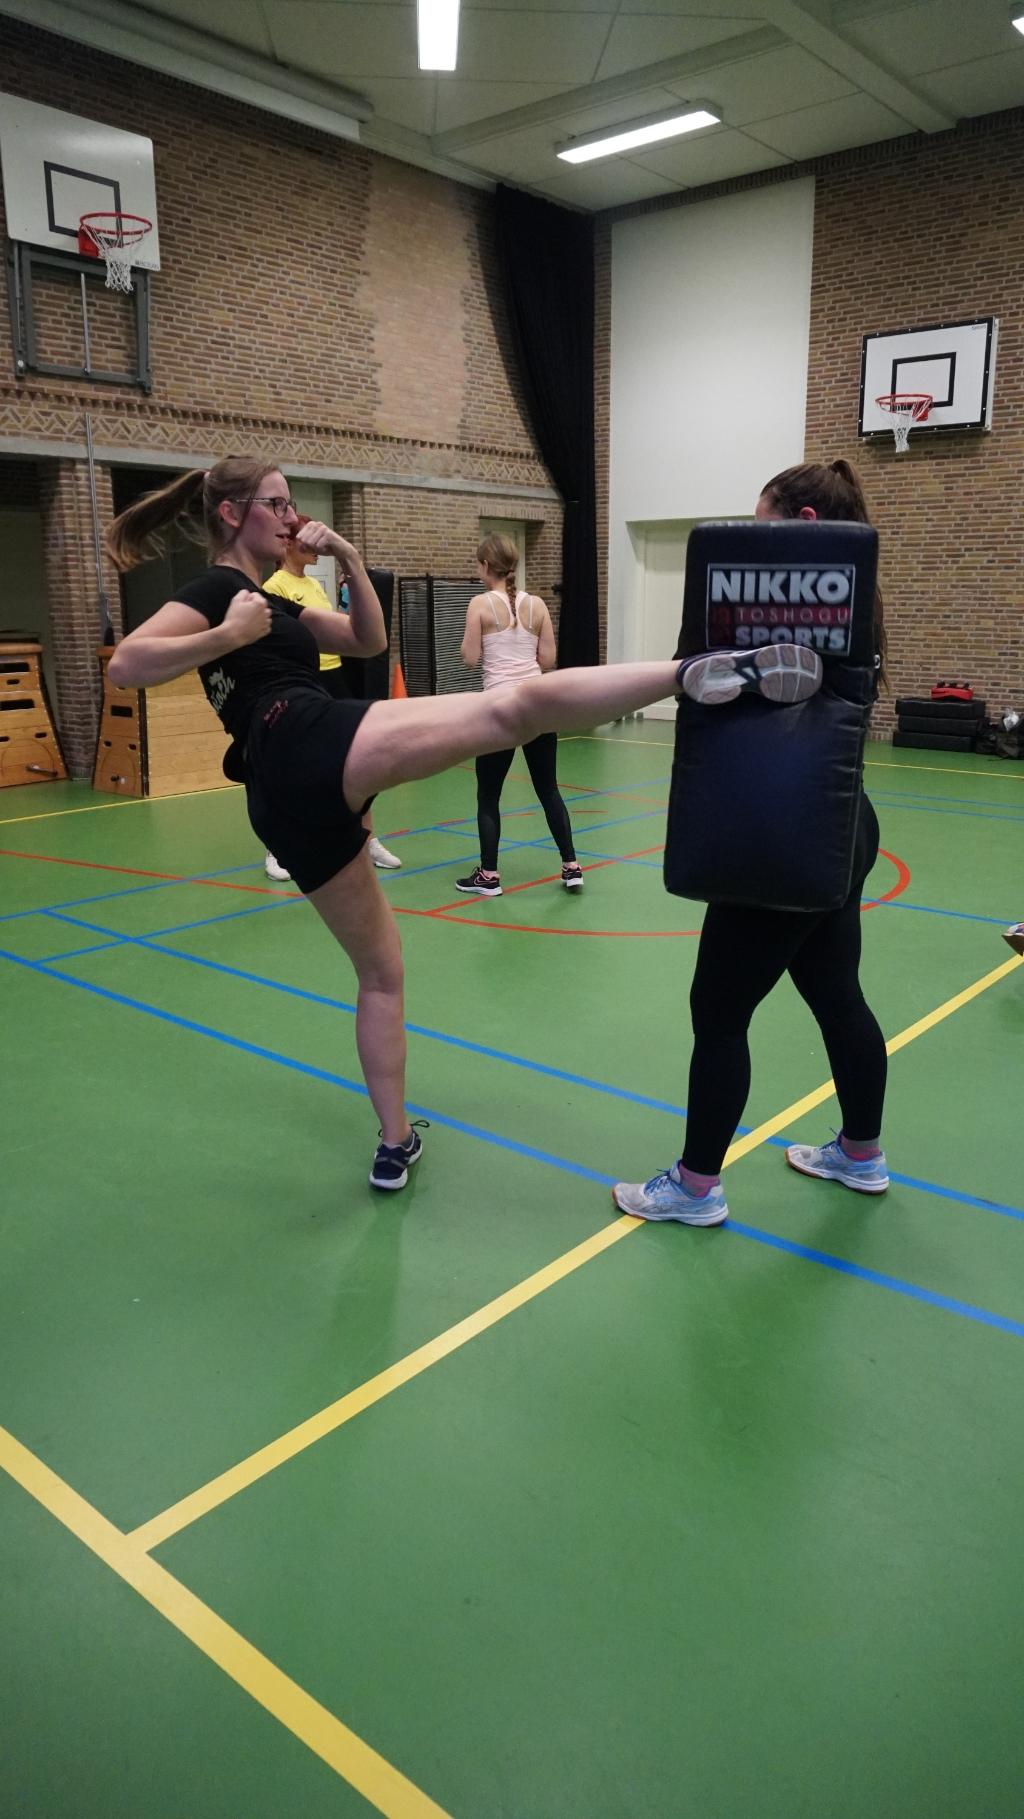 Pleunie van Brunschot tijdens de training. Foto: Sander van Kasteren © MooiBoxtel